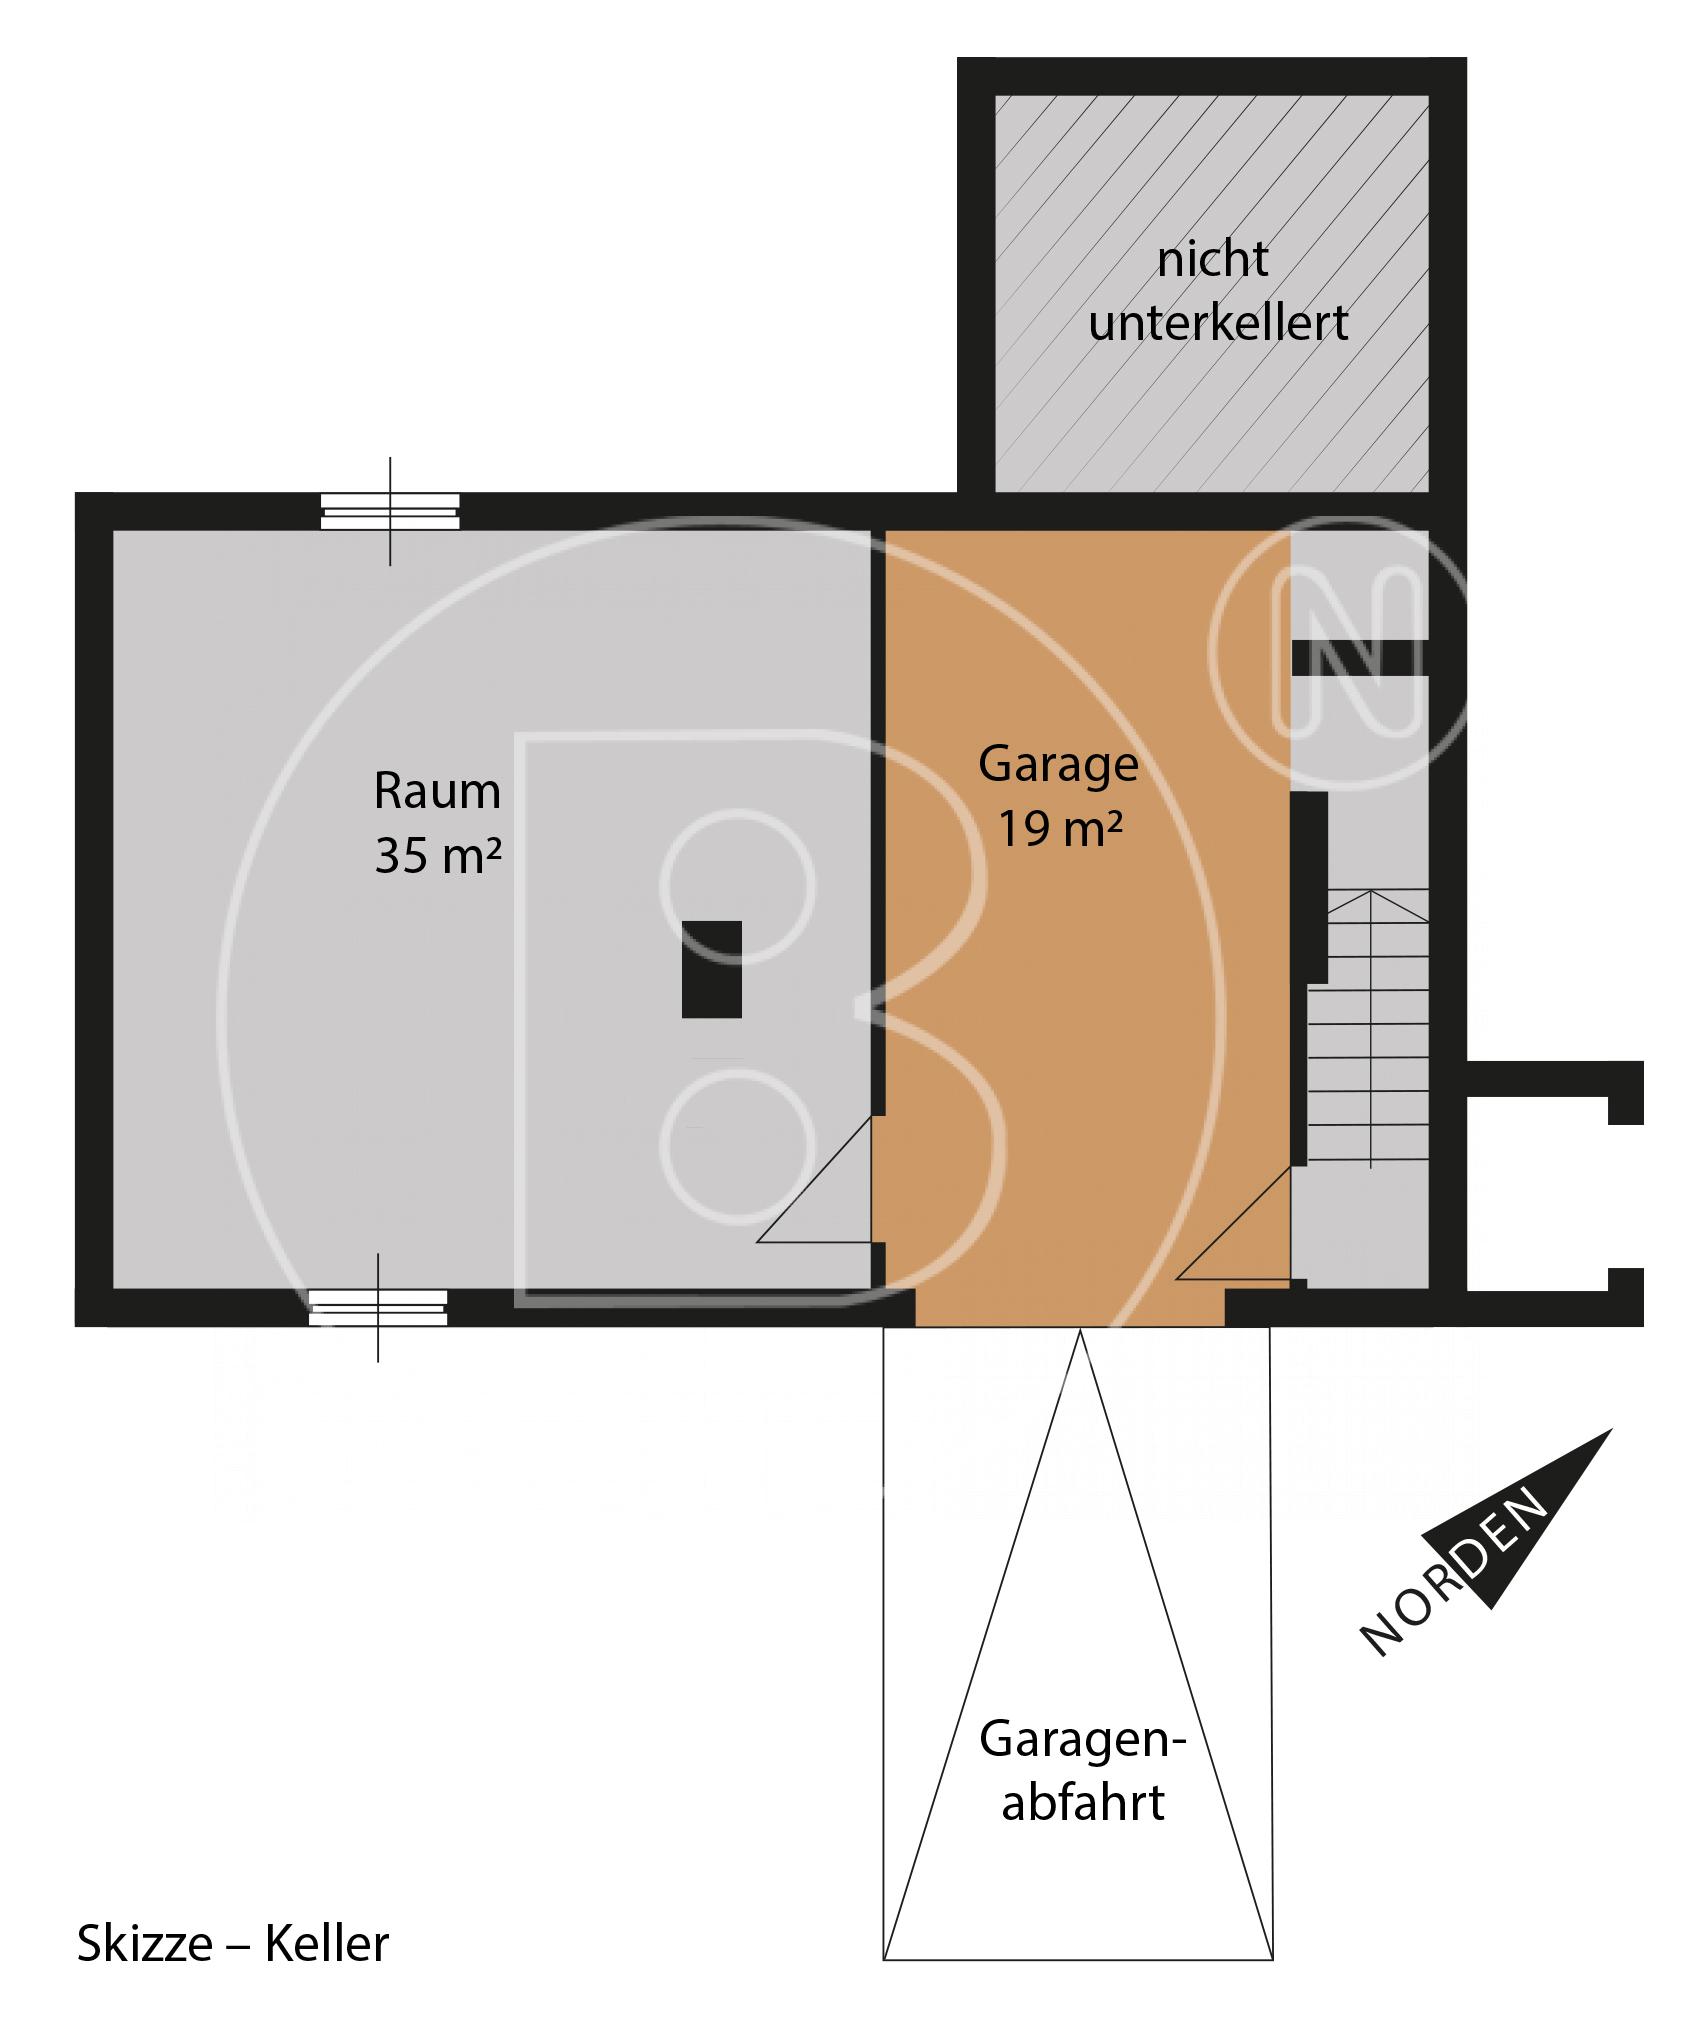 Keller - Skizze - Wunderbares Grundstück - Haus sanierungsbedürftig